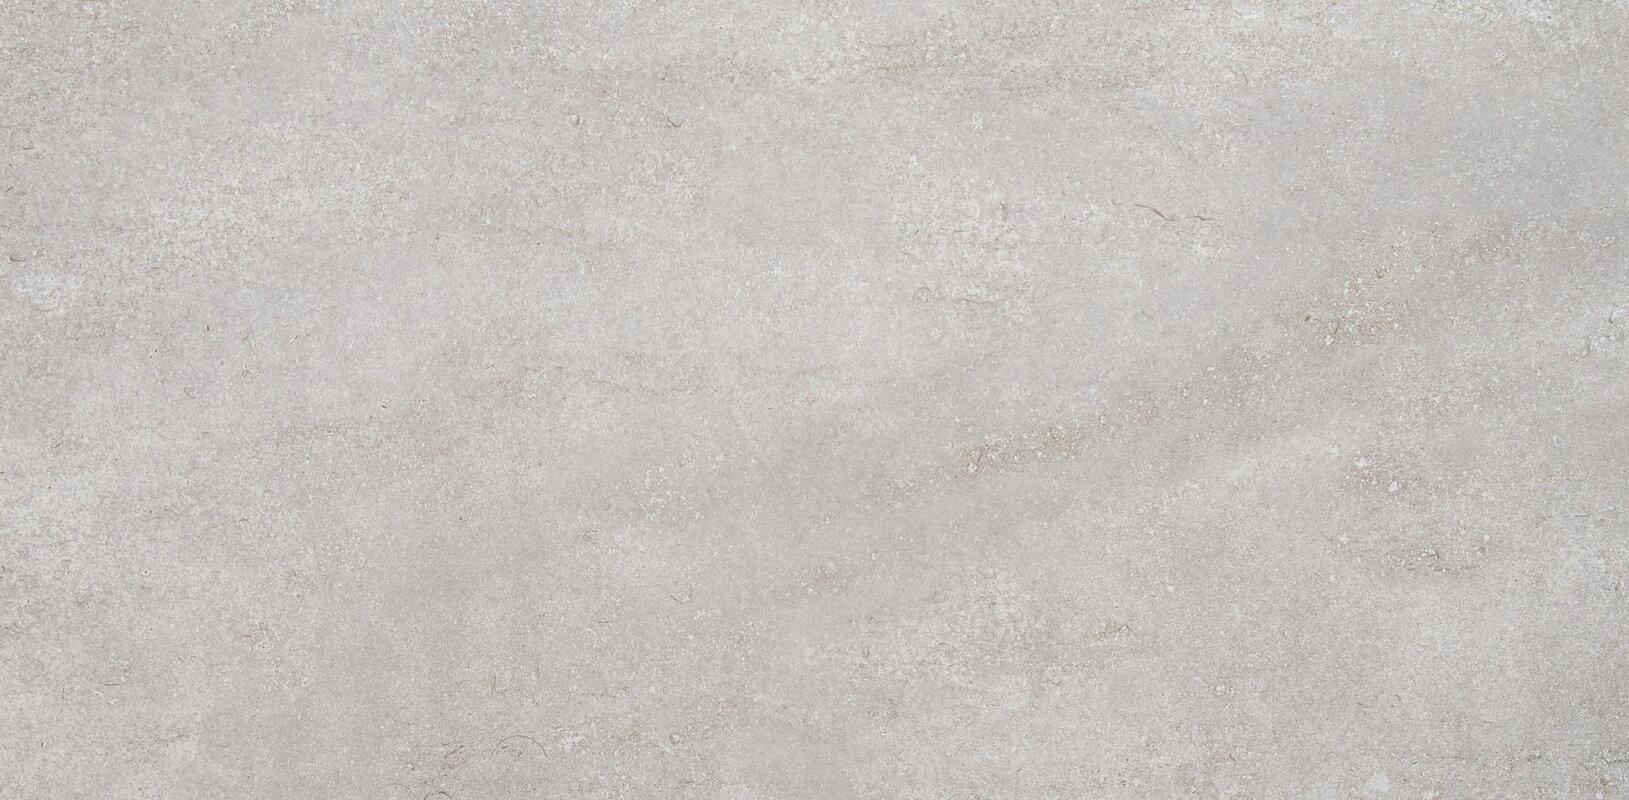 Avondale 12 X 24 Porcelain Field Tile In Gray